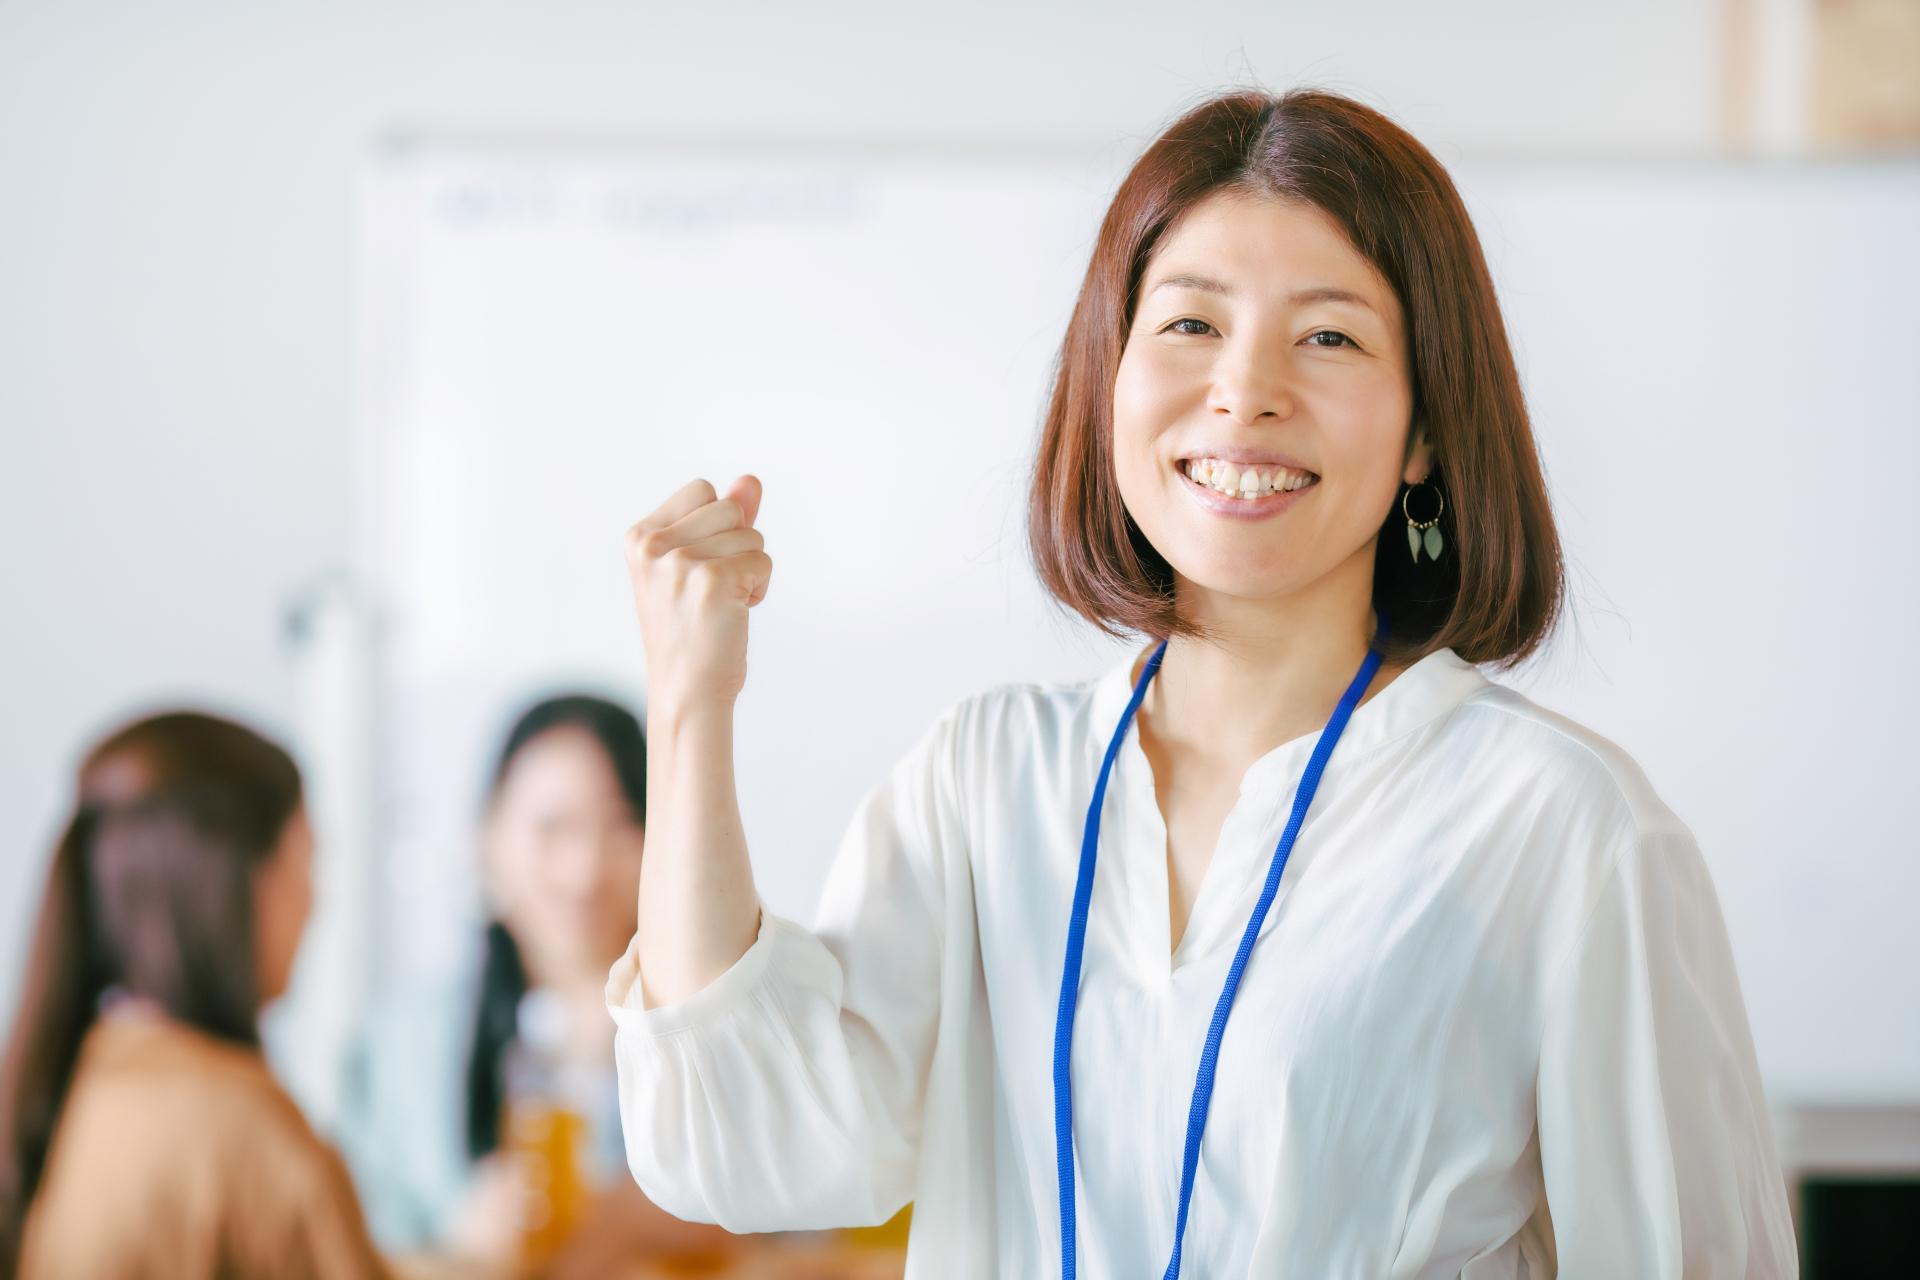 女子大学でキャリア支援講義を行いました